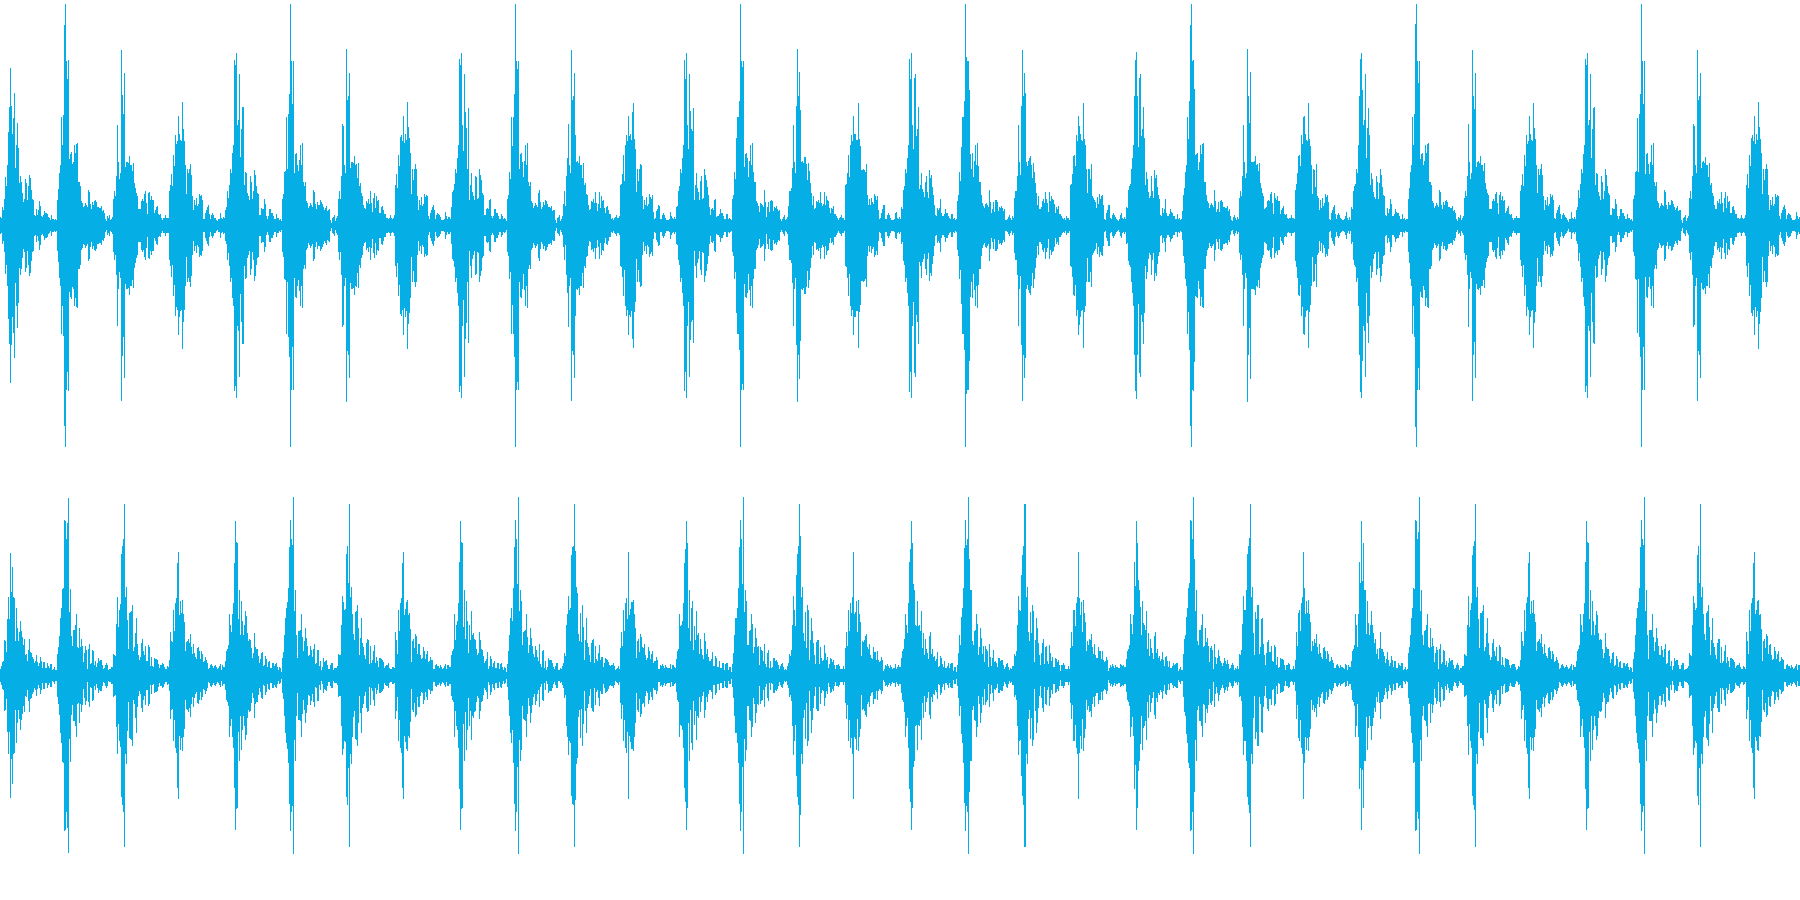 太鼓 躍動的 迫力 効果音ループ素材#2の再生済みの波形